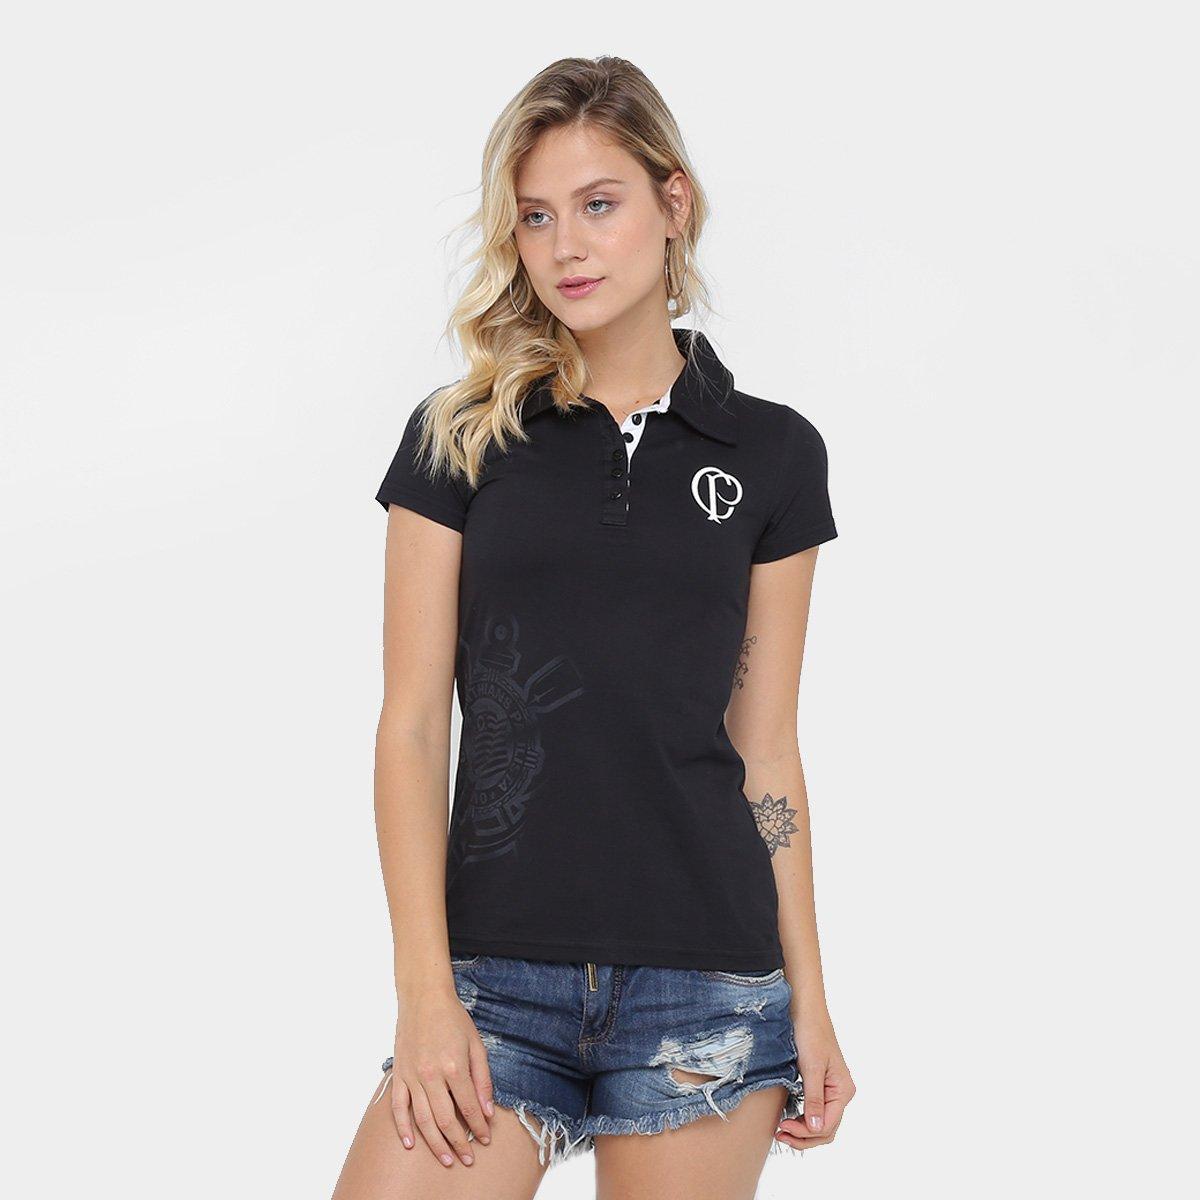 d78431f386 Camisa Polo Corinthians Feminina - Compre Agora